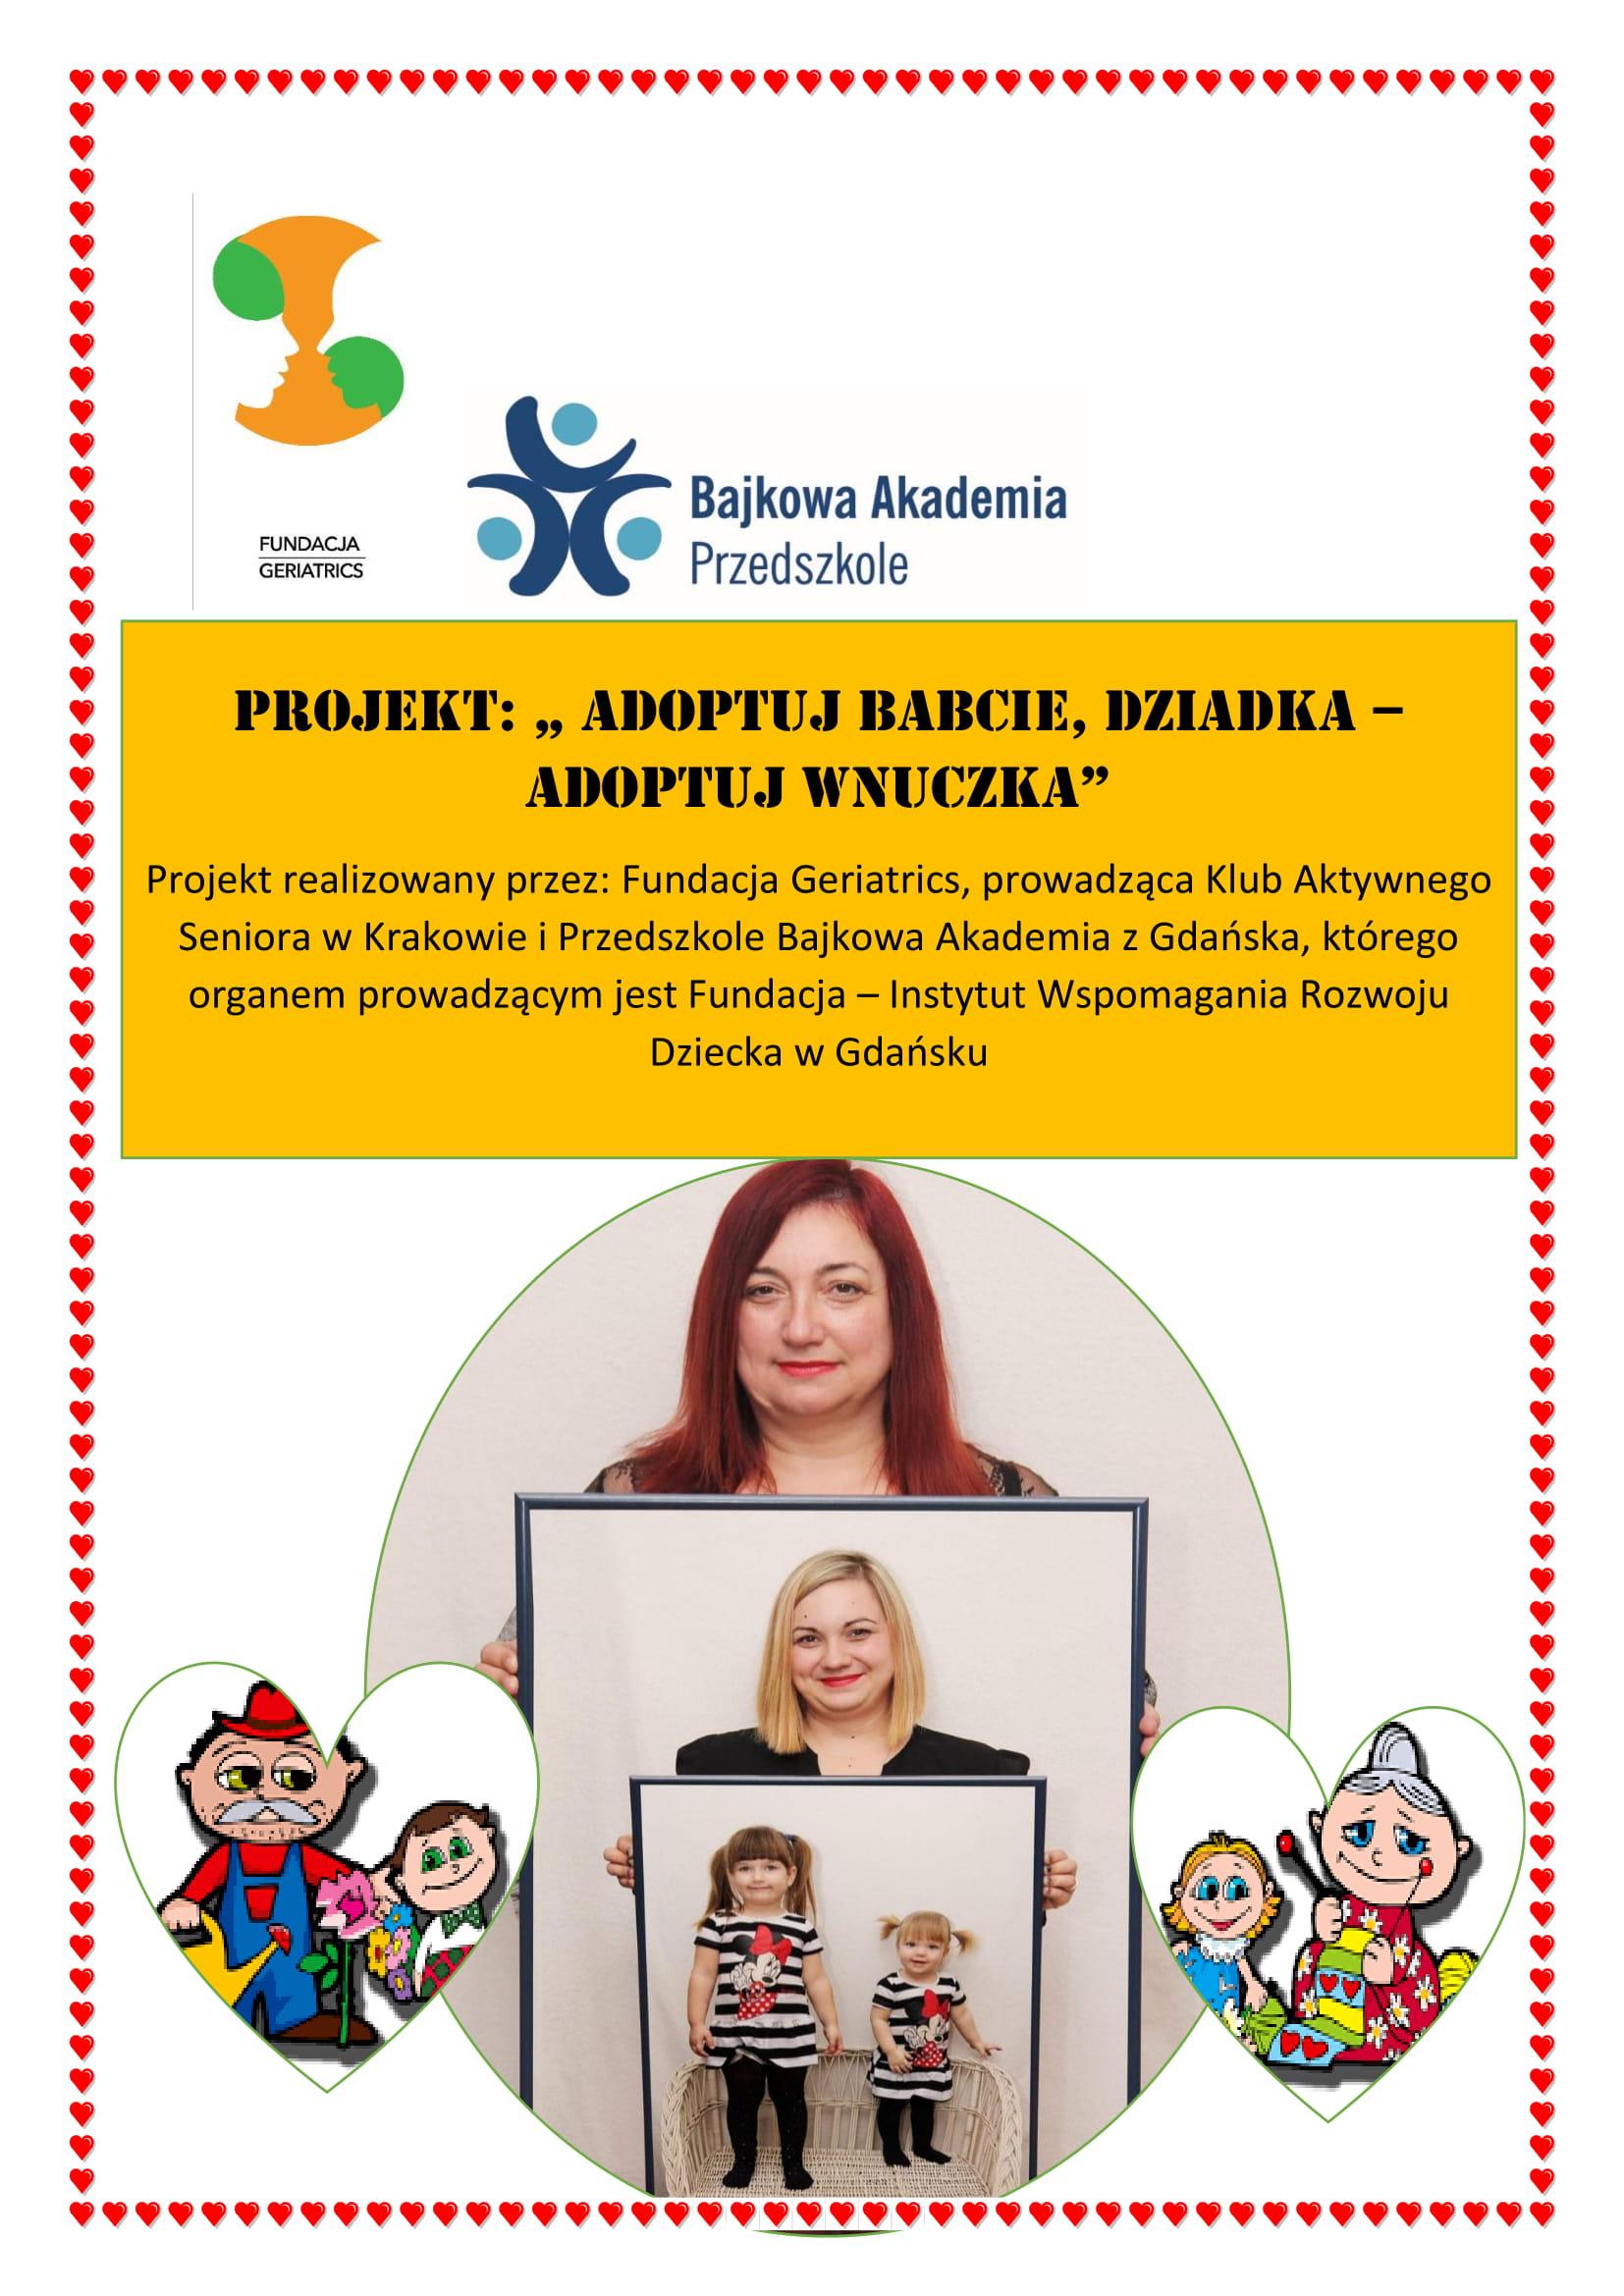 Dzień Babci i Dziadka z Fundacją Geriatrics i Przedszkolem Bajkowa Akademia z Gdańska